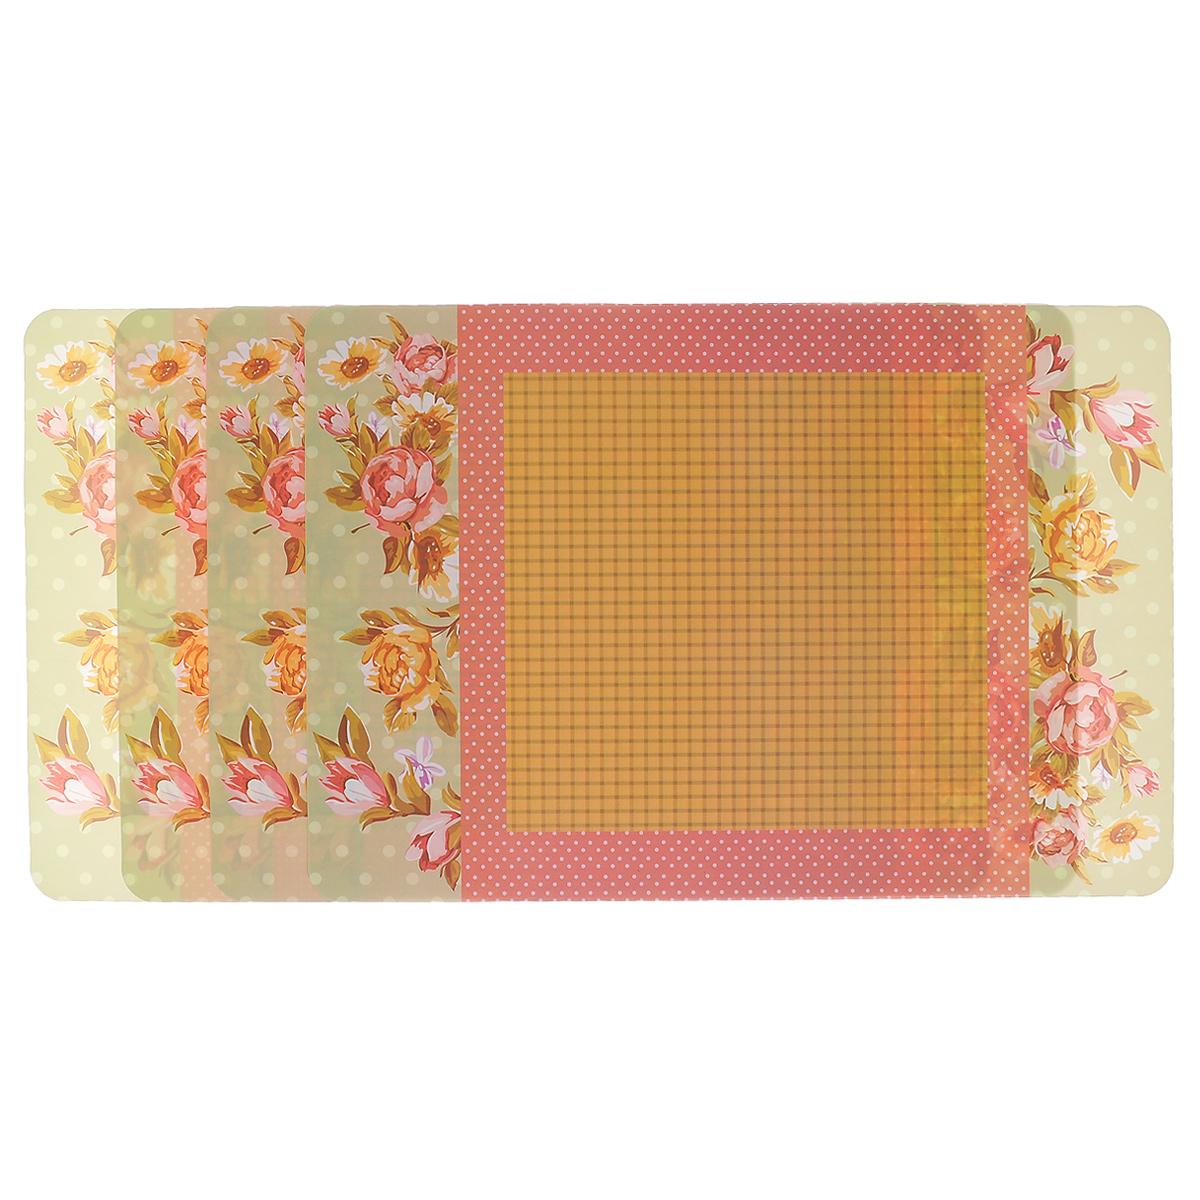 """Набор подложек под столовые приборы Феникс-презент """"Magic Home"""", 45 см х 30 см, 4 шт. 33129"""